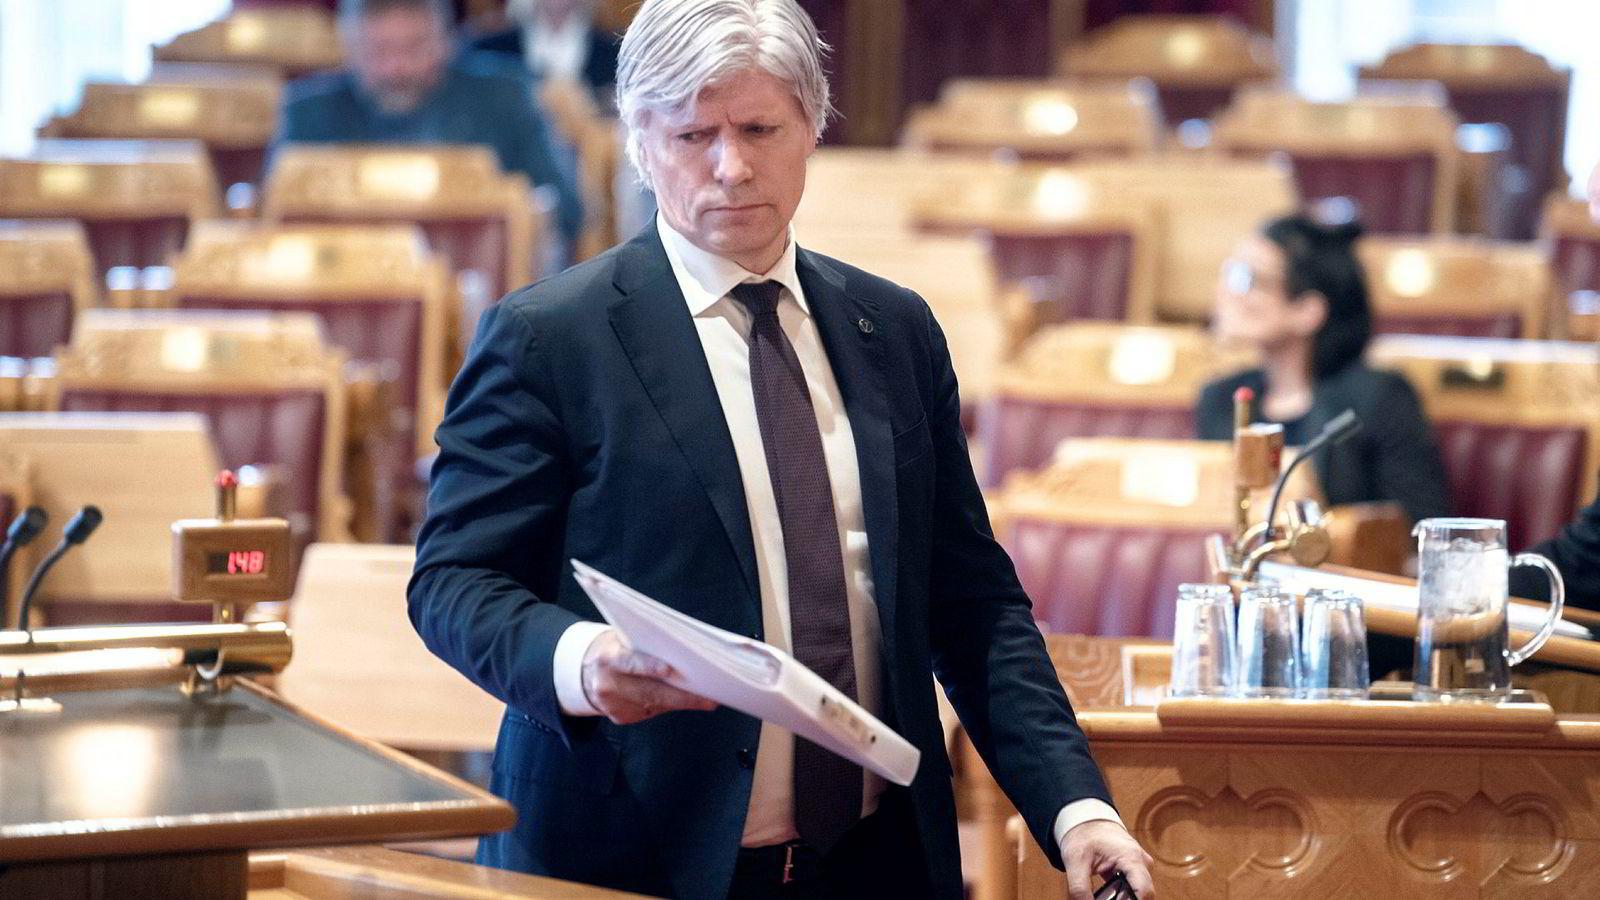 Norges klima- og miljøminister Ola Elvestuen vil binde Norge til EU i spørsmålene om klimakutt